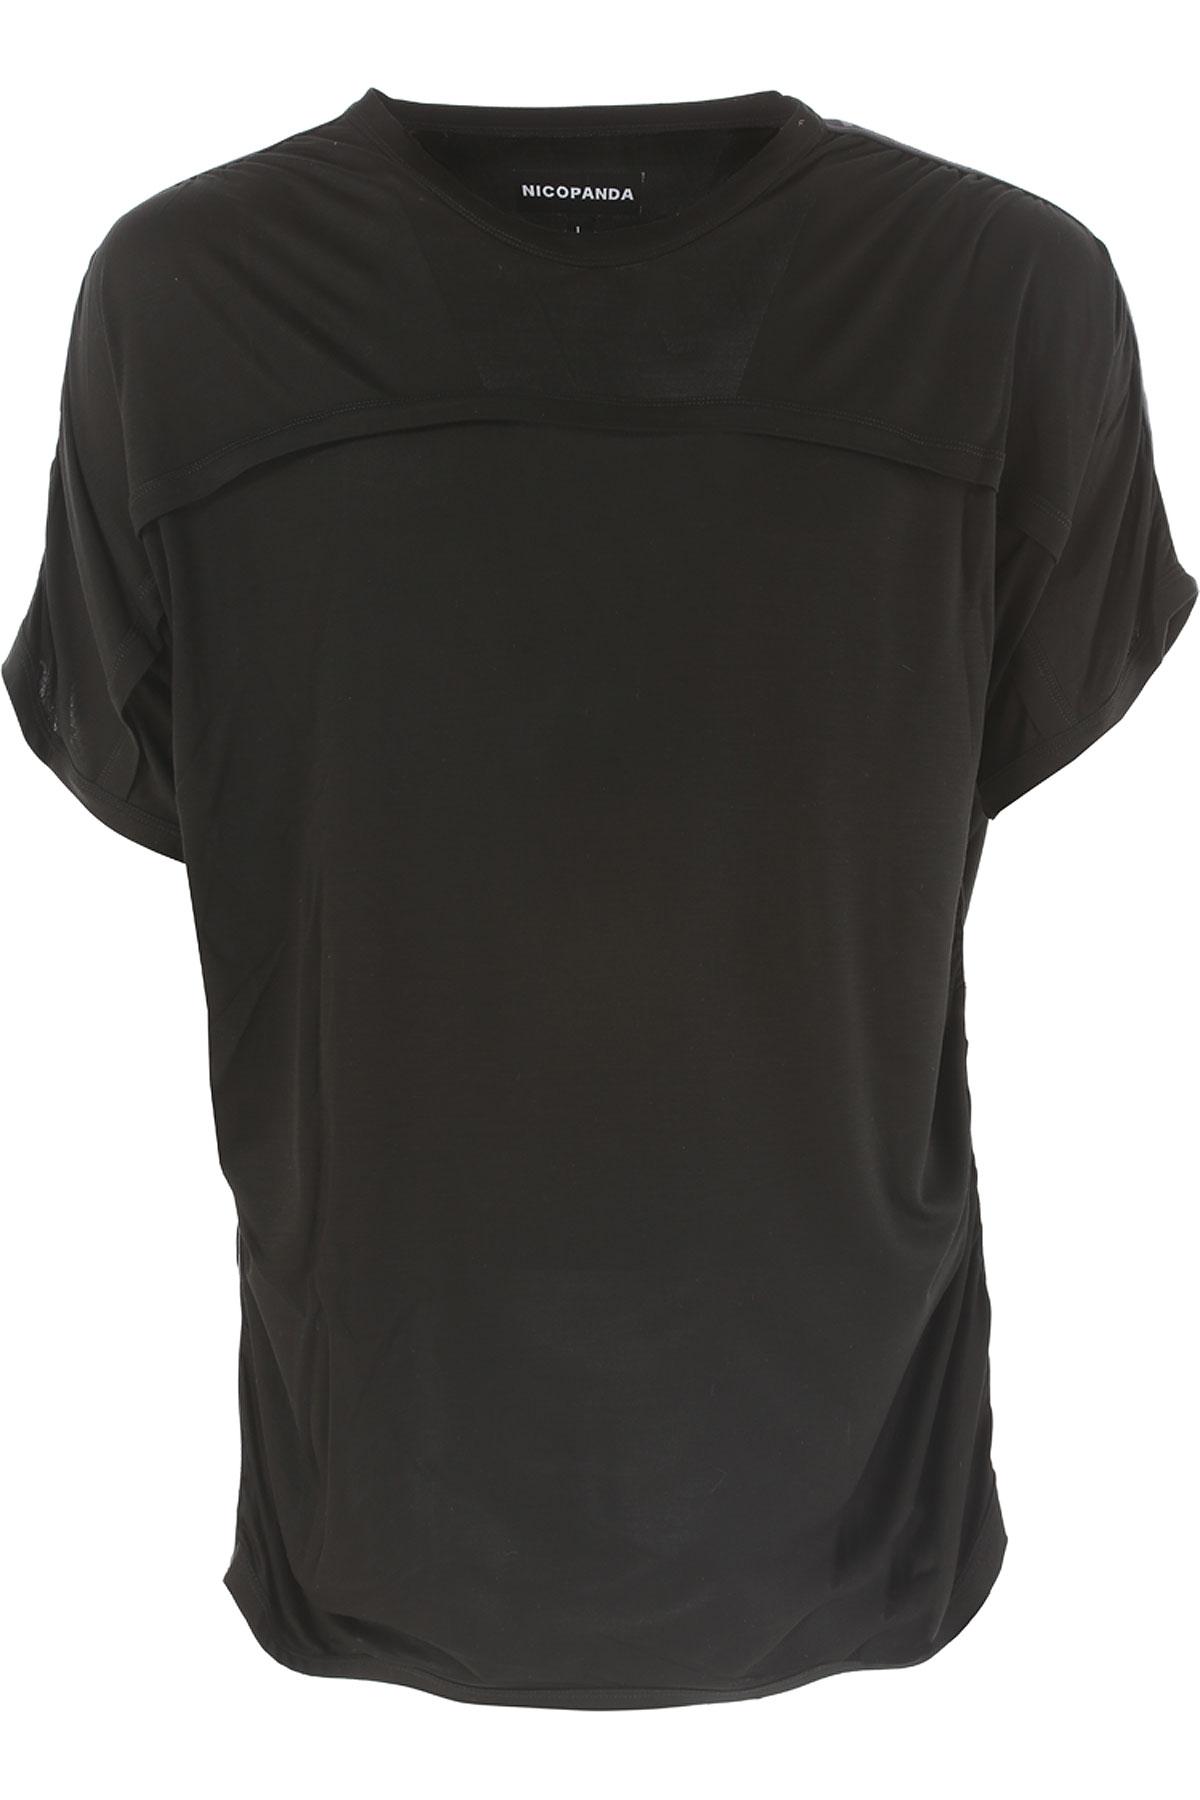 Nicopanda T-shirt Homme Pas cher en Soldes, Noir, Cupro, 2017, 46 48